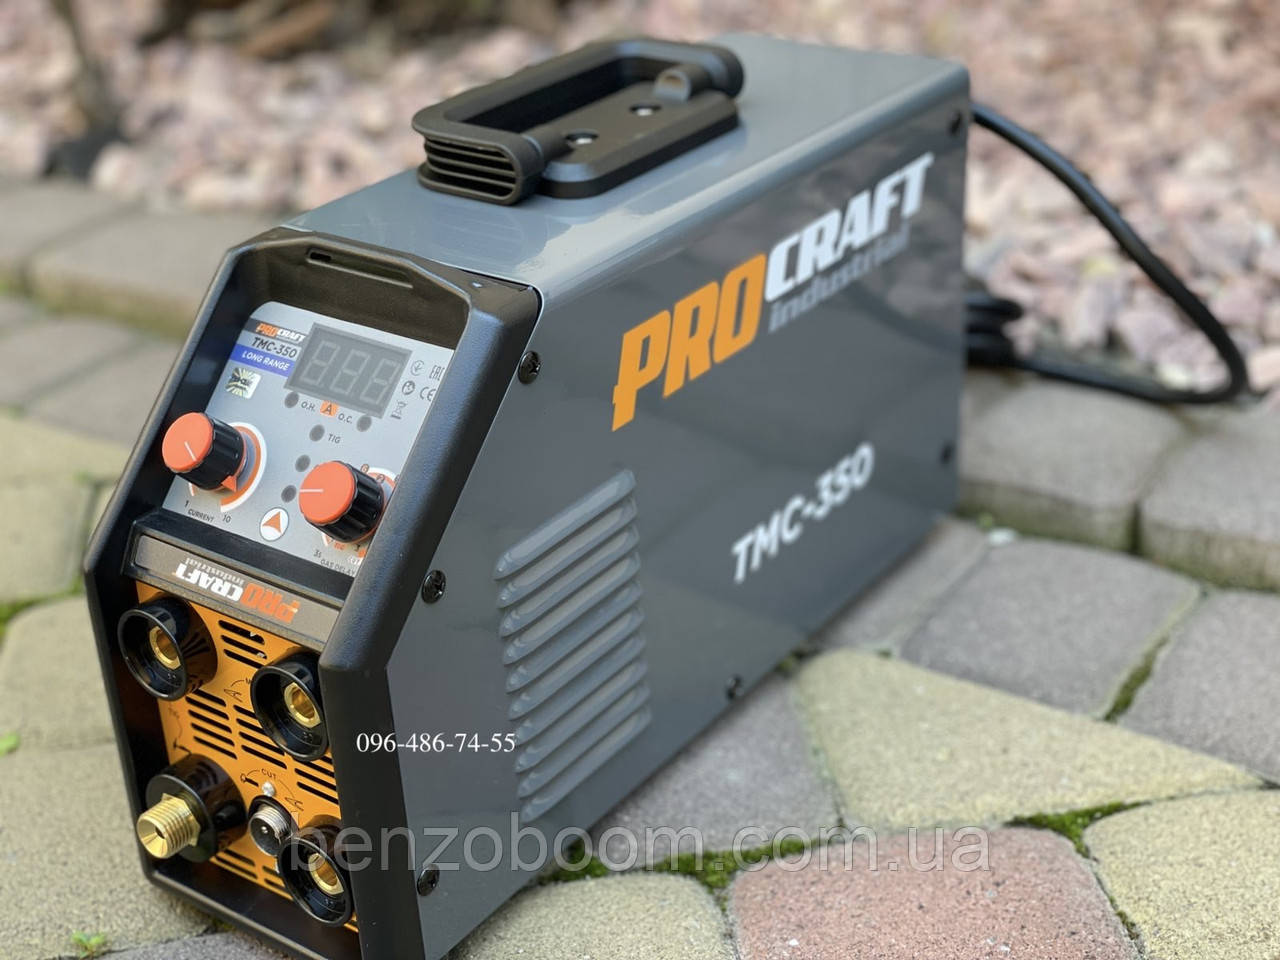 Сварочный инвертор плазморез аргон Procraft Industrial TMC-350 CUT+TIG+MMA